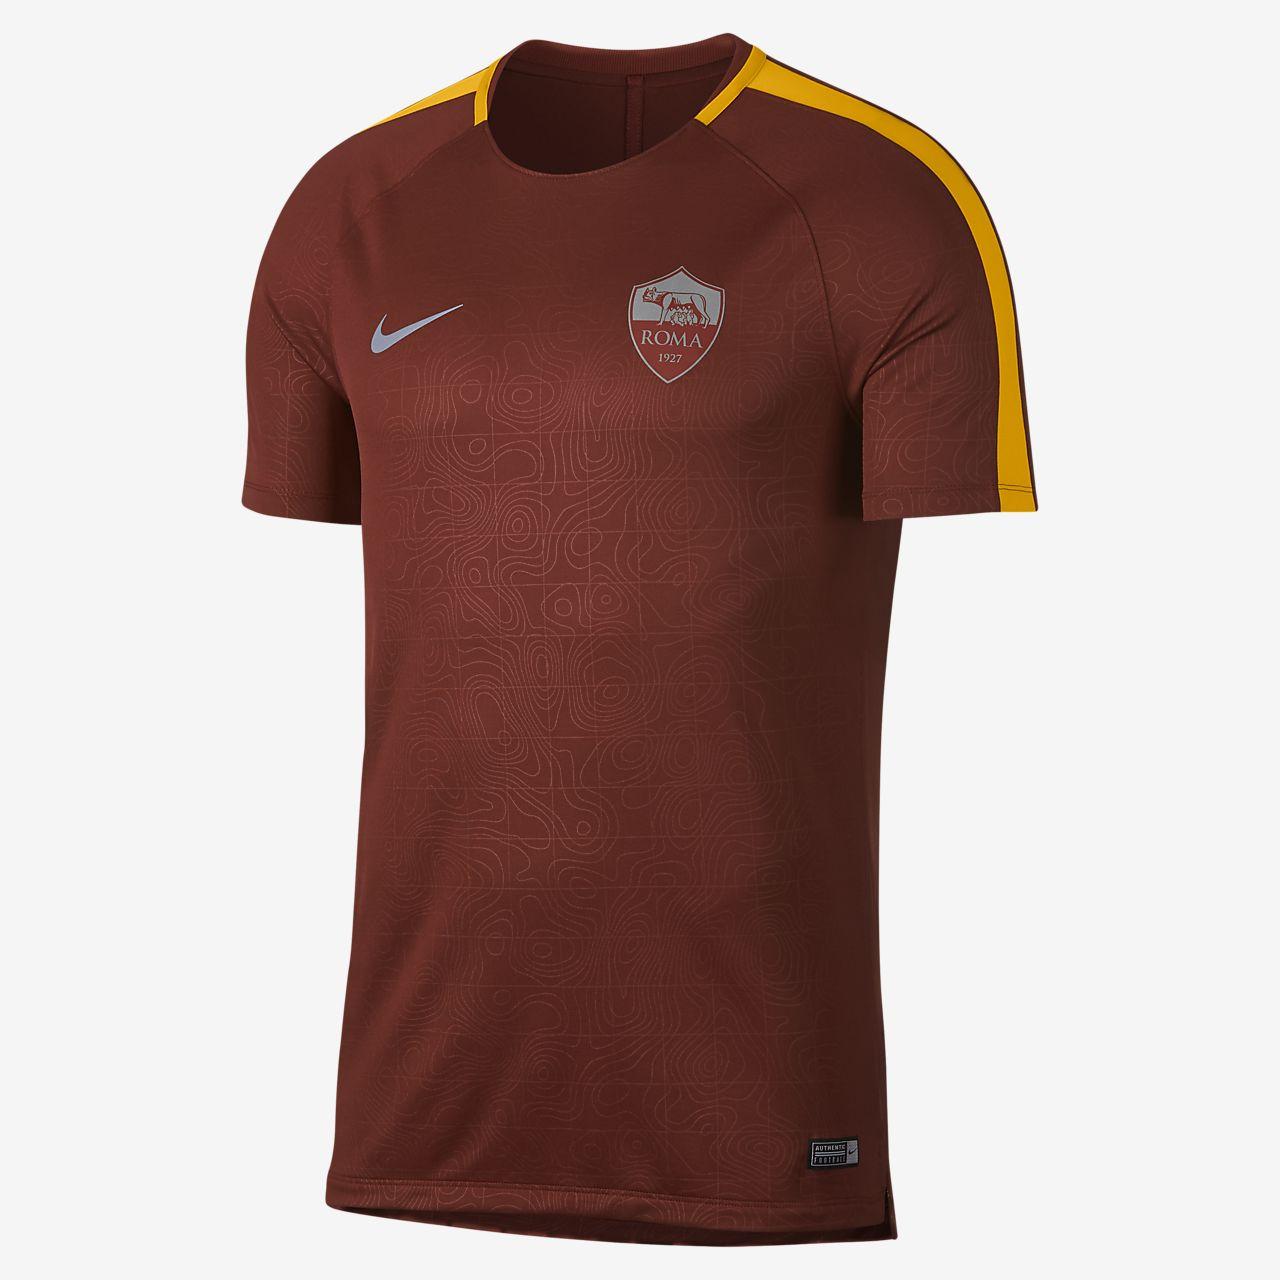 A.S. Roma Dri-FIT Squad Camiseta de fútbol de manga corta - Hombre ... 20667d7b0a7